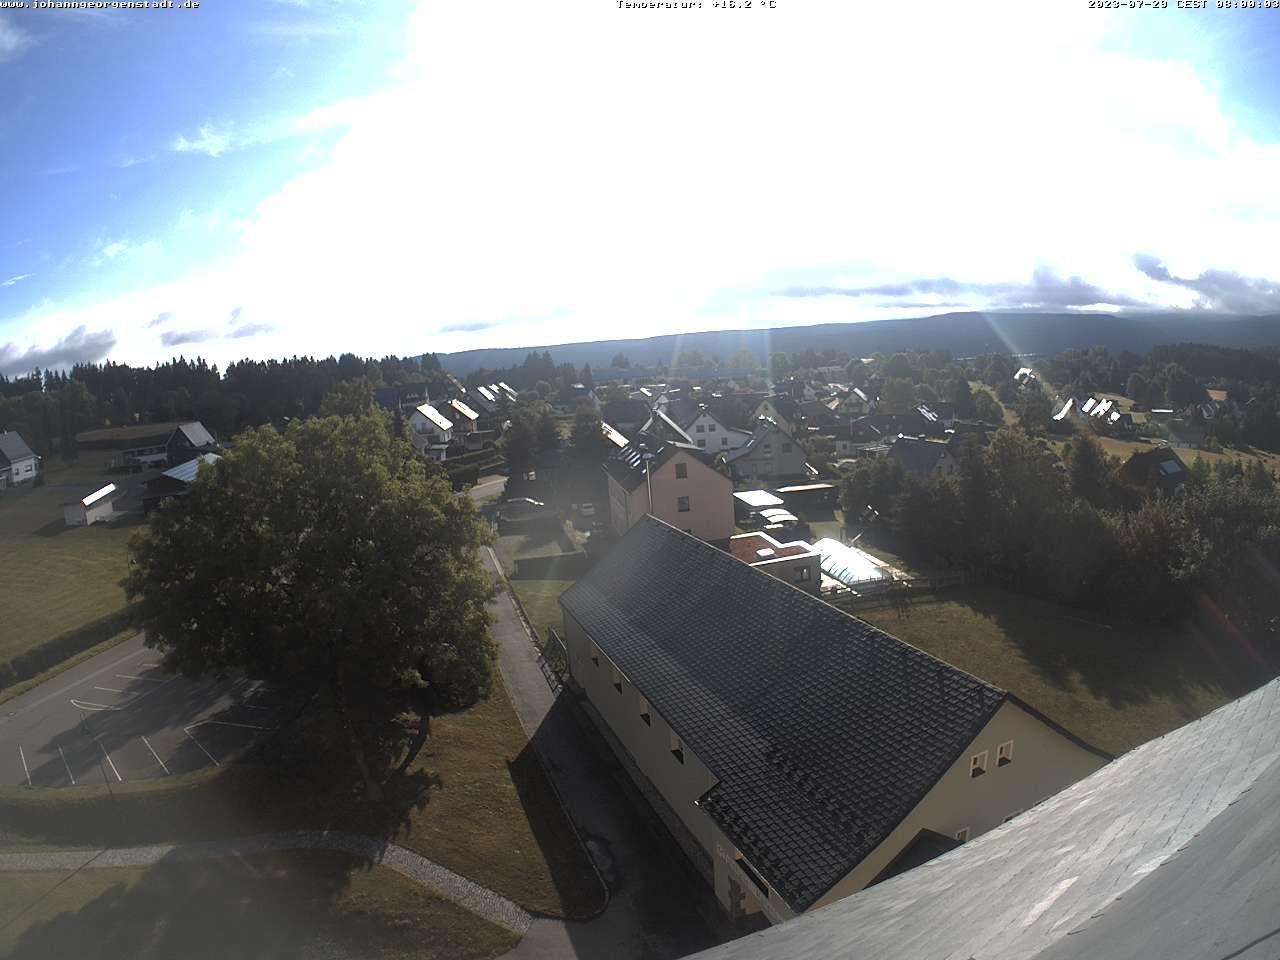 Webcam Ski Resort Johanngeorgenstadt Ore Mountains